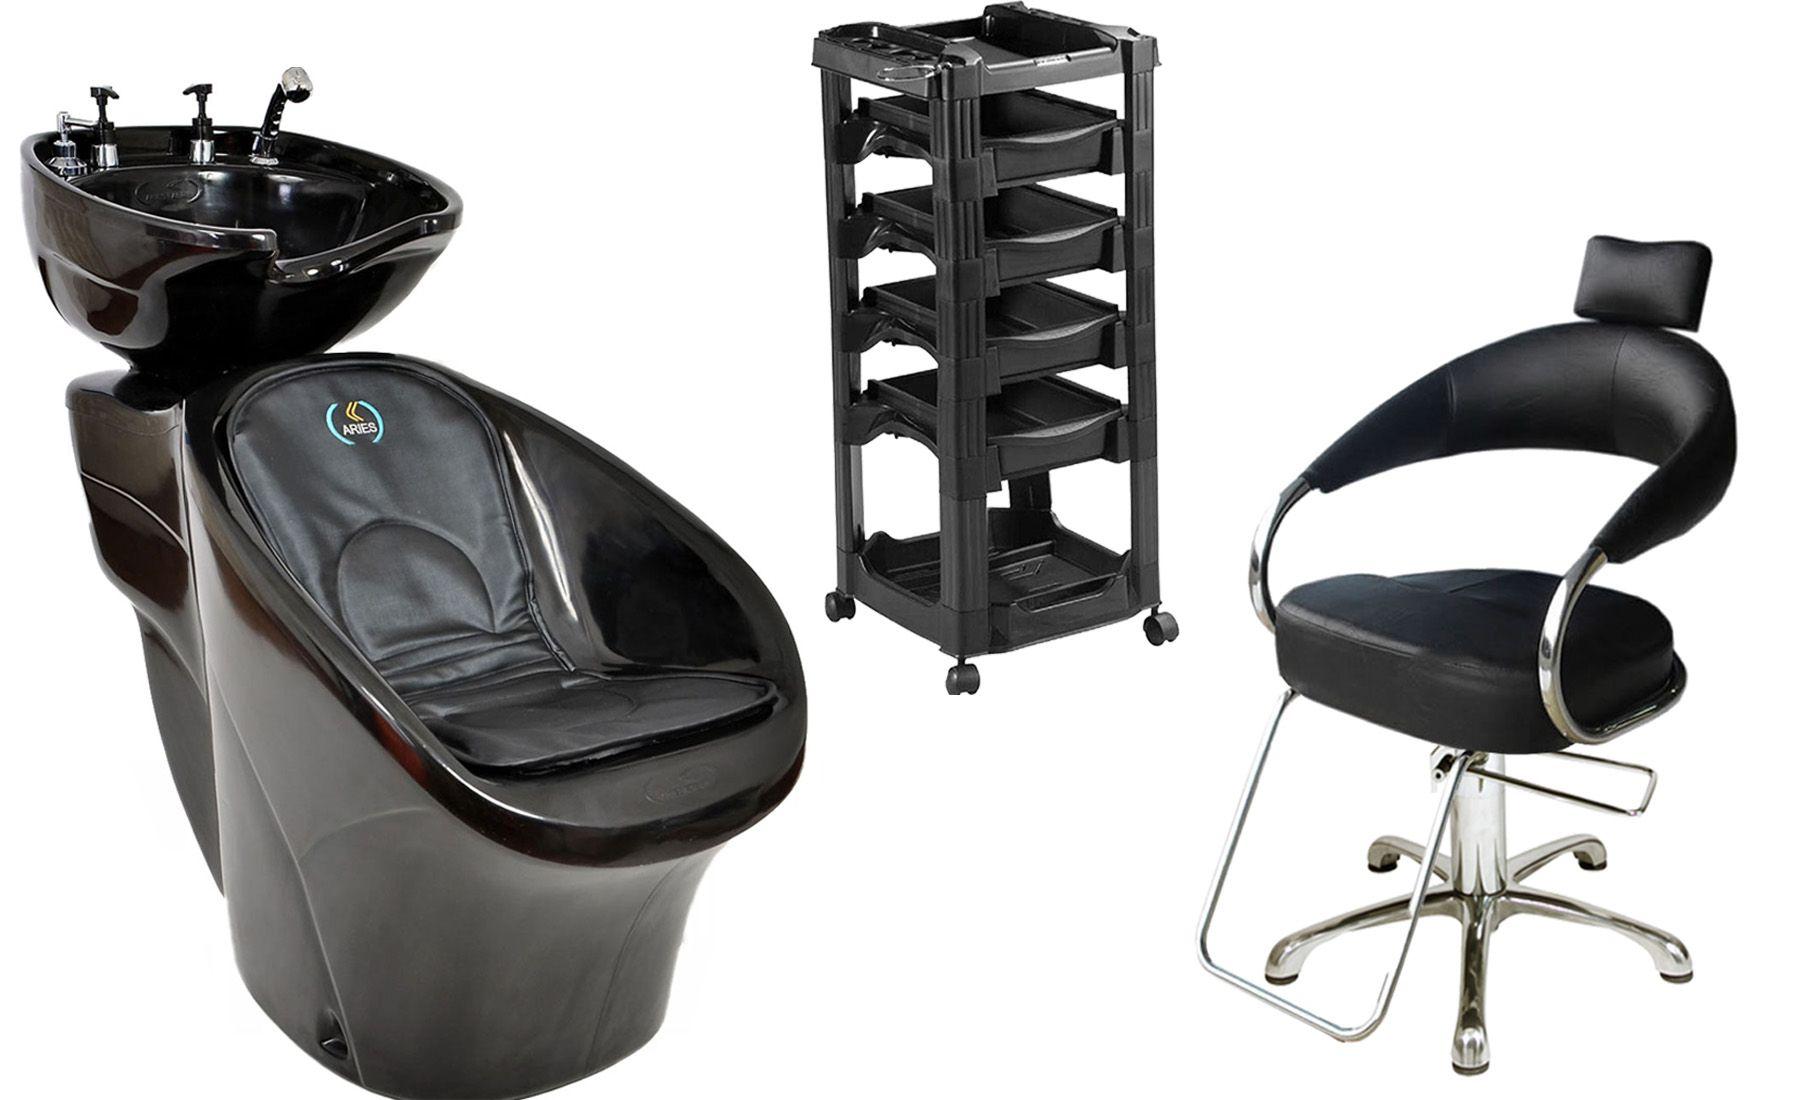 Lavatório Chic L-50 + Cadeira Hidráulica Futurama + Carrinho Vegas